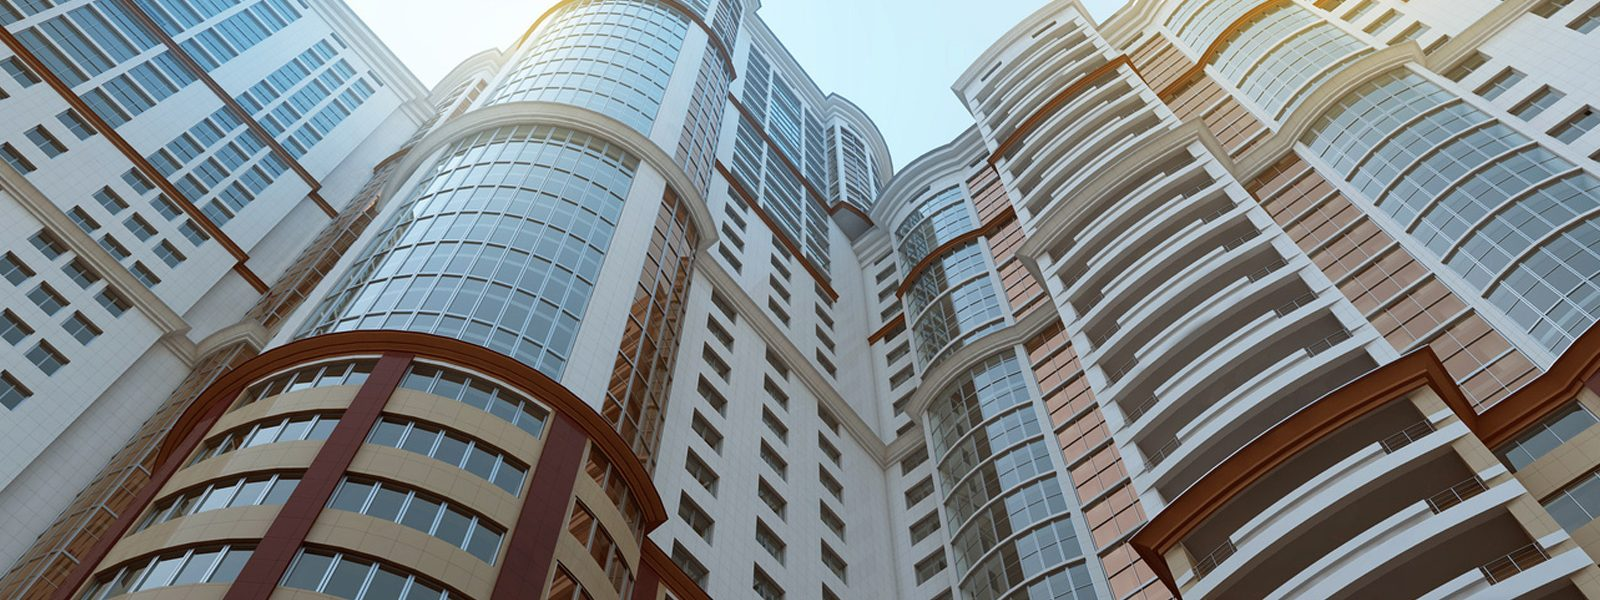 Страхование имущества в Москве, Кожухово, Люберцах, Новокосино